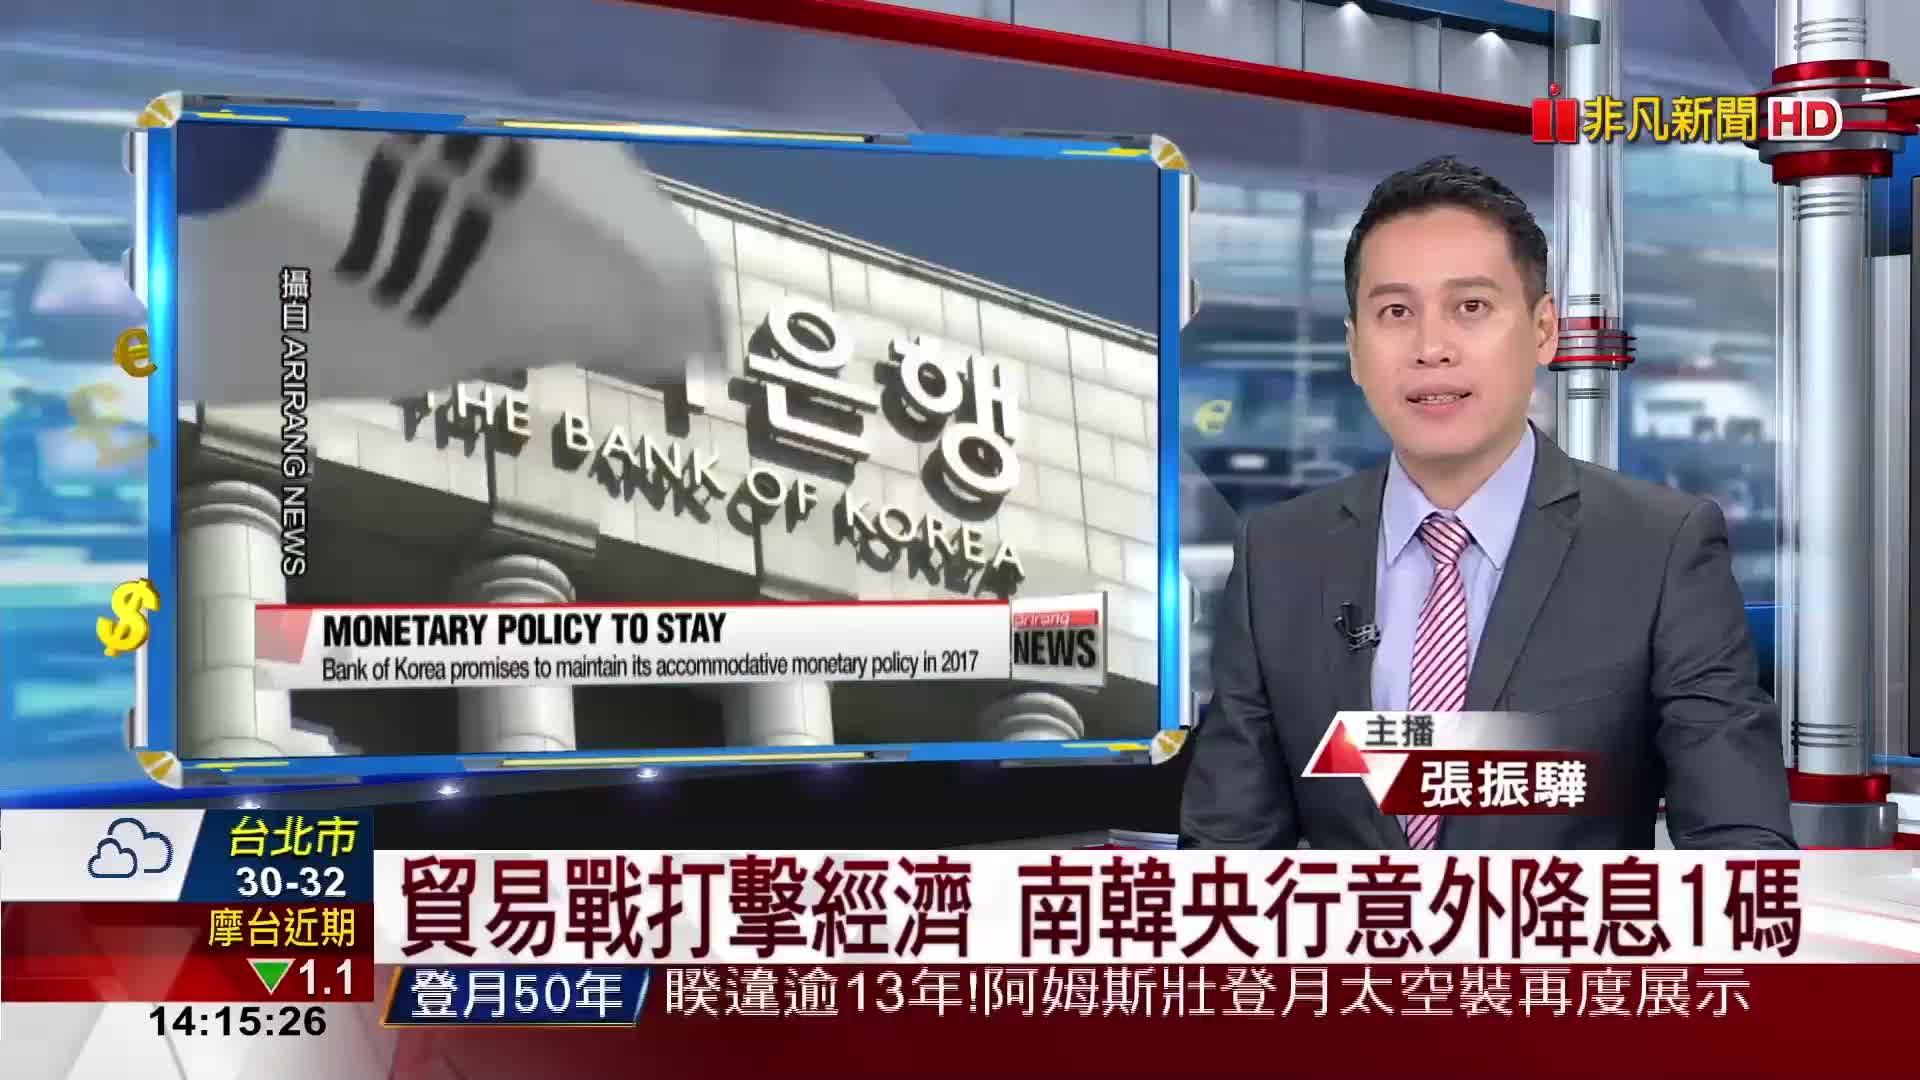 貿易戰打擊經濟 南韓央行意外降息1碼